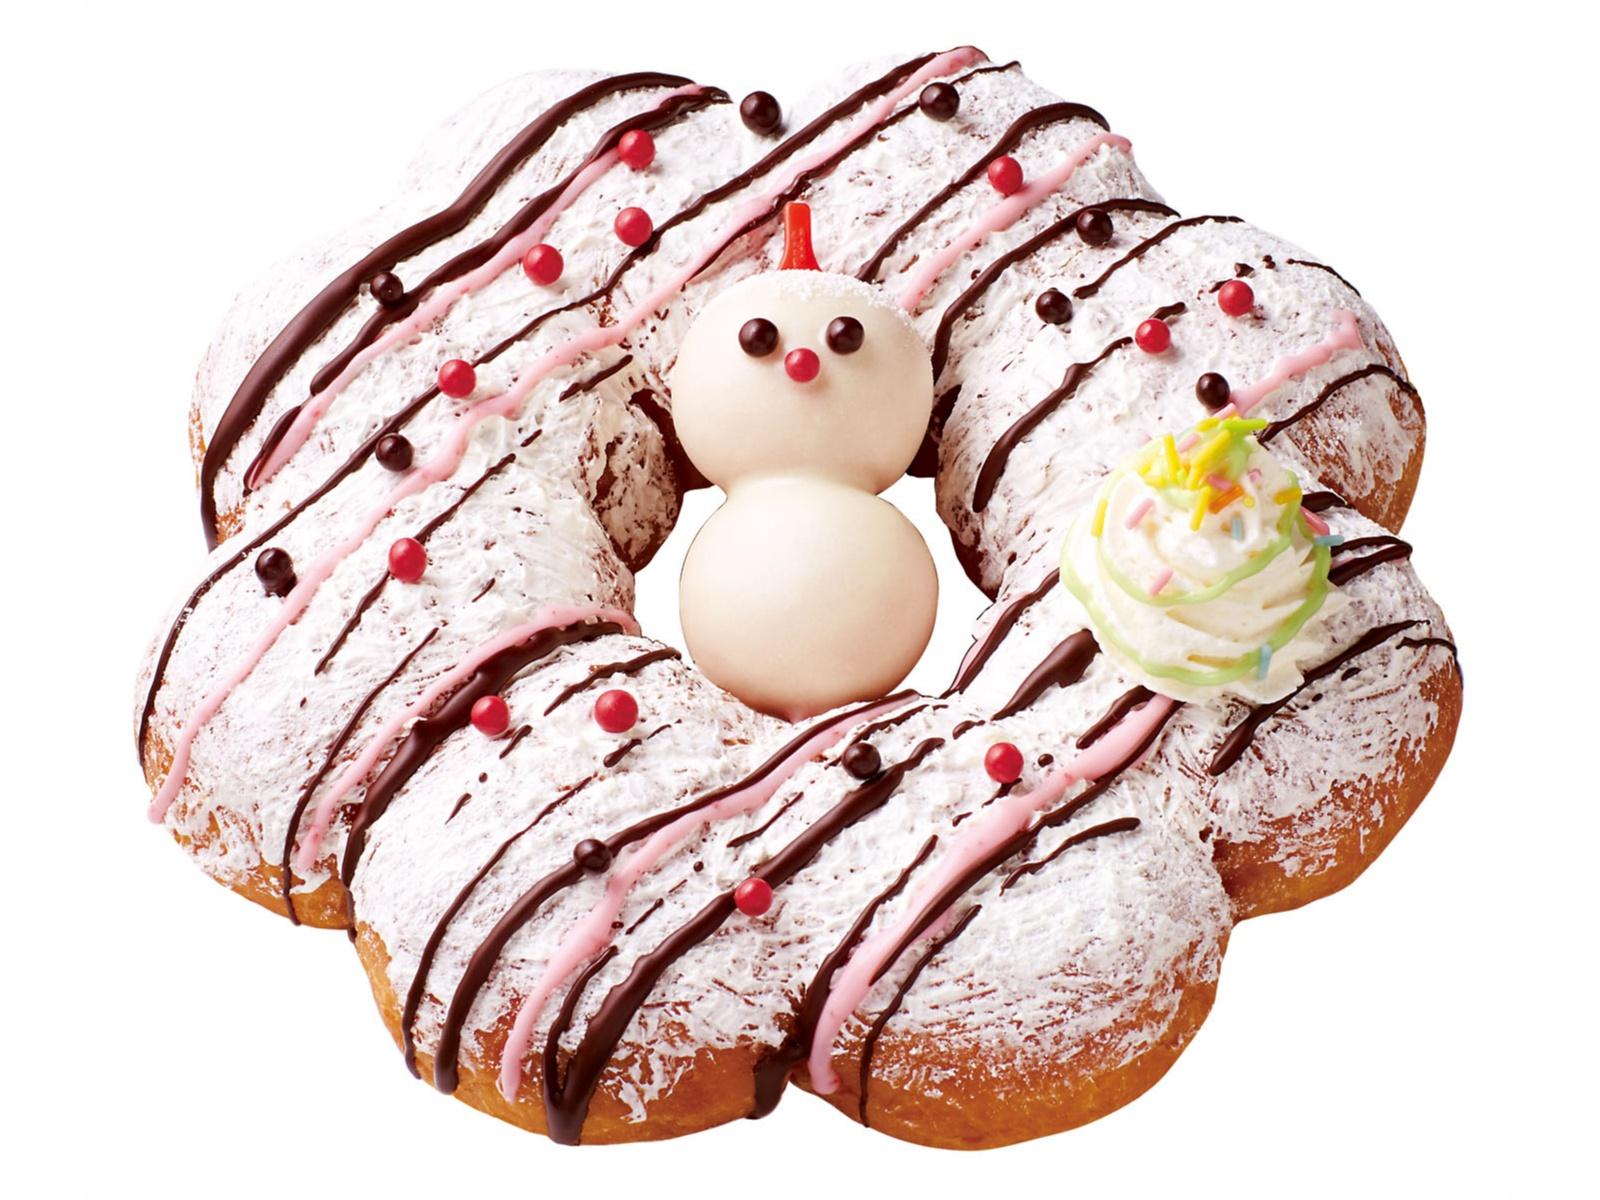 ミスタードーナツ でスヌーピーなスペシャルクリスマスはいかが 2